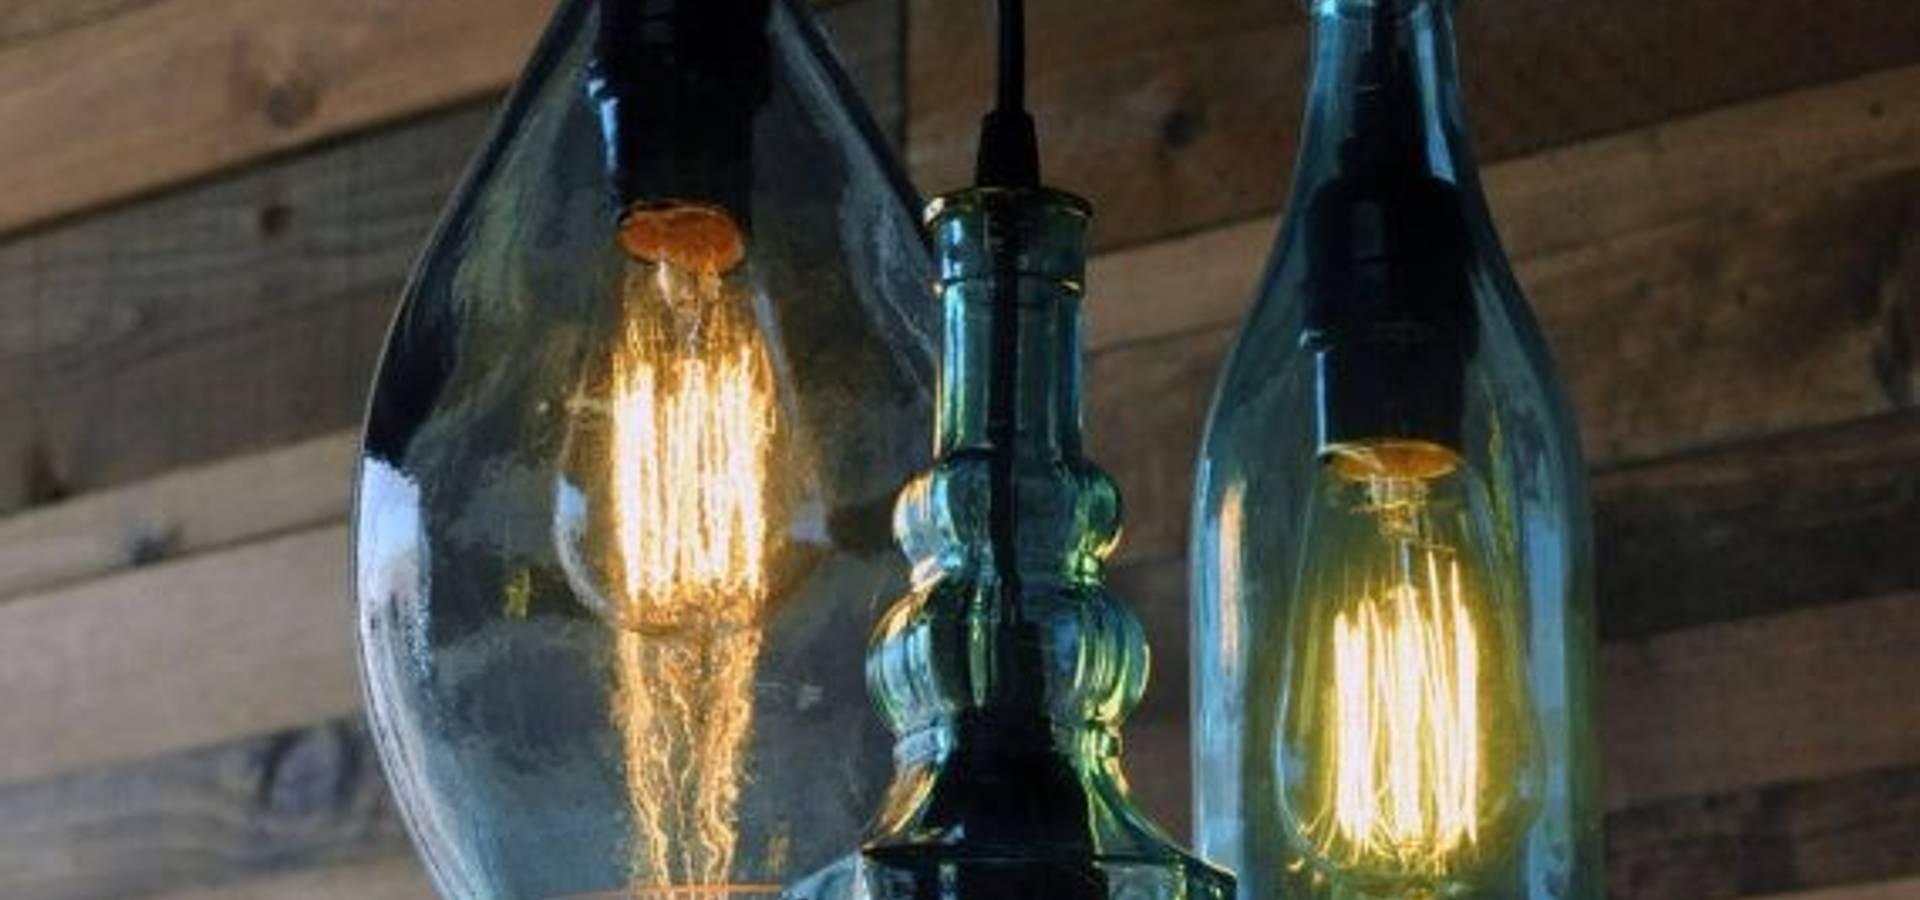 The Barn decoração iluminacao